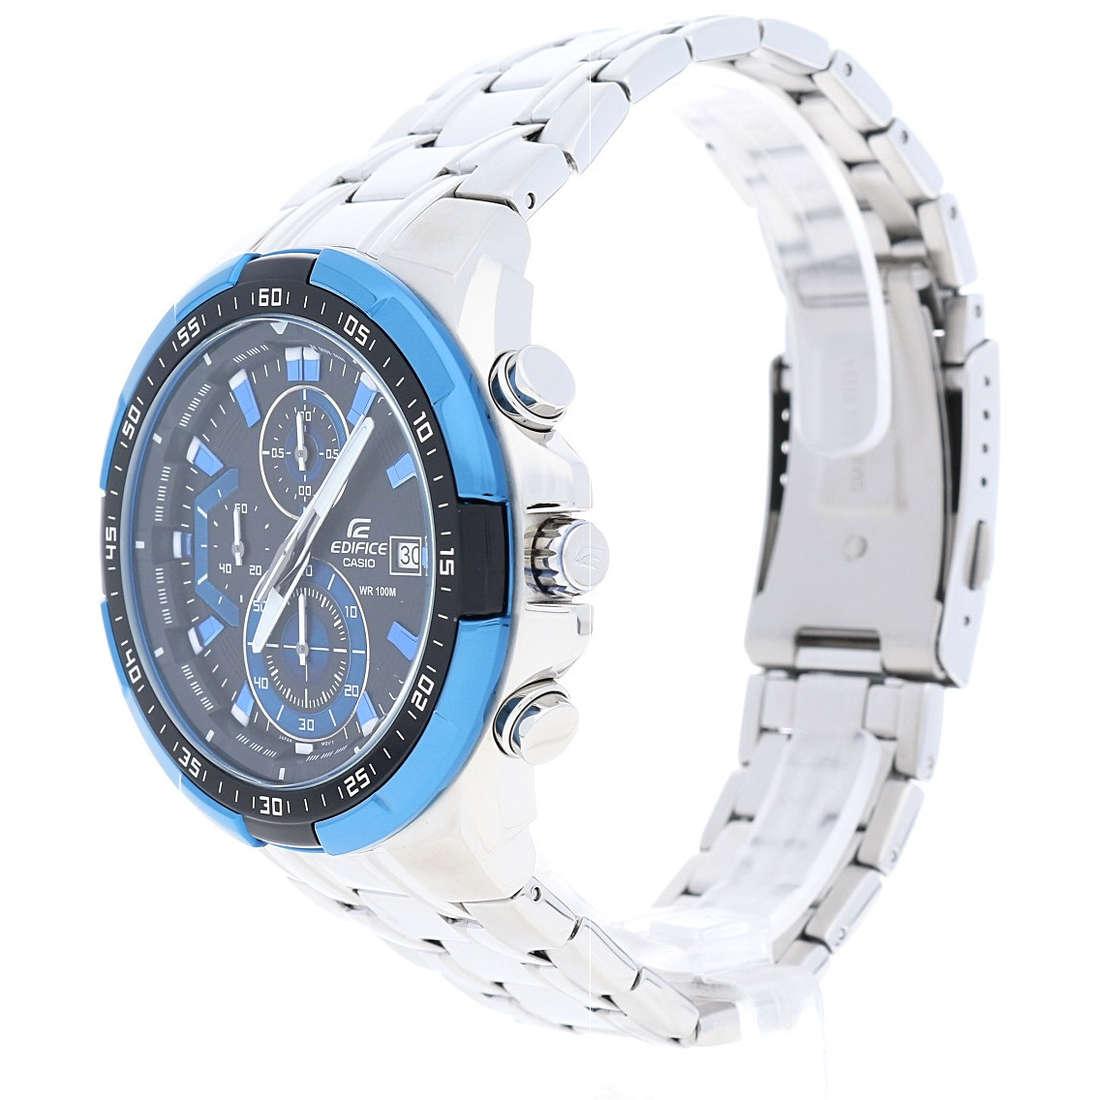 vente montres homme Casio EFR-539D-1A2VUEF